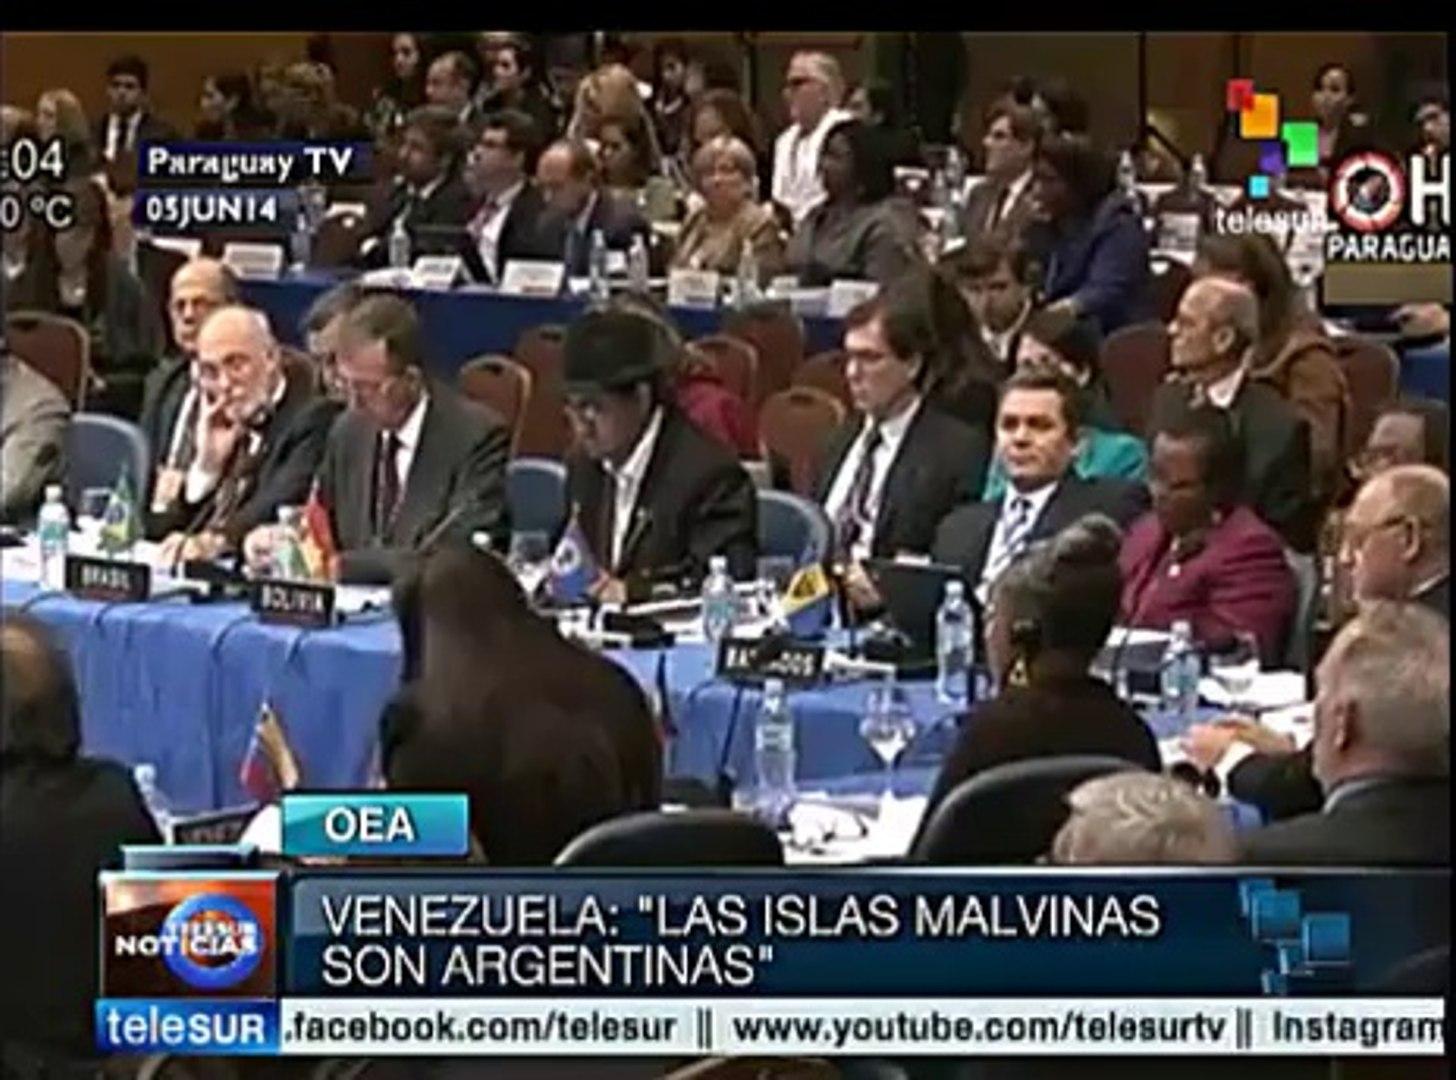 Las Islas Malvinas son argentinas: Venezuela